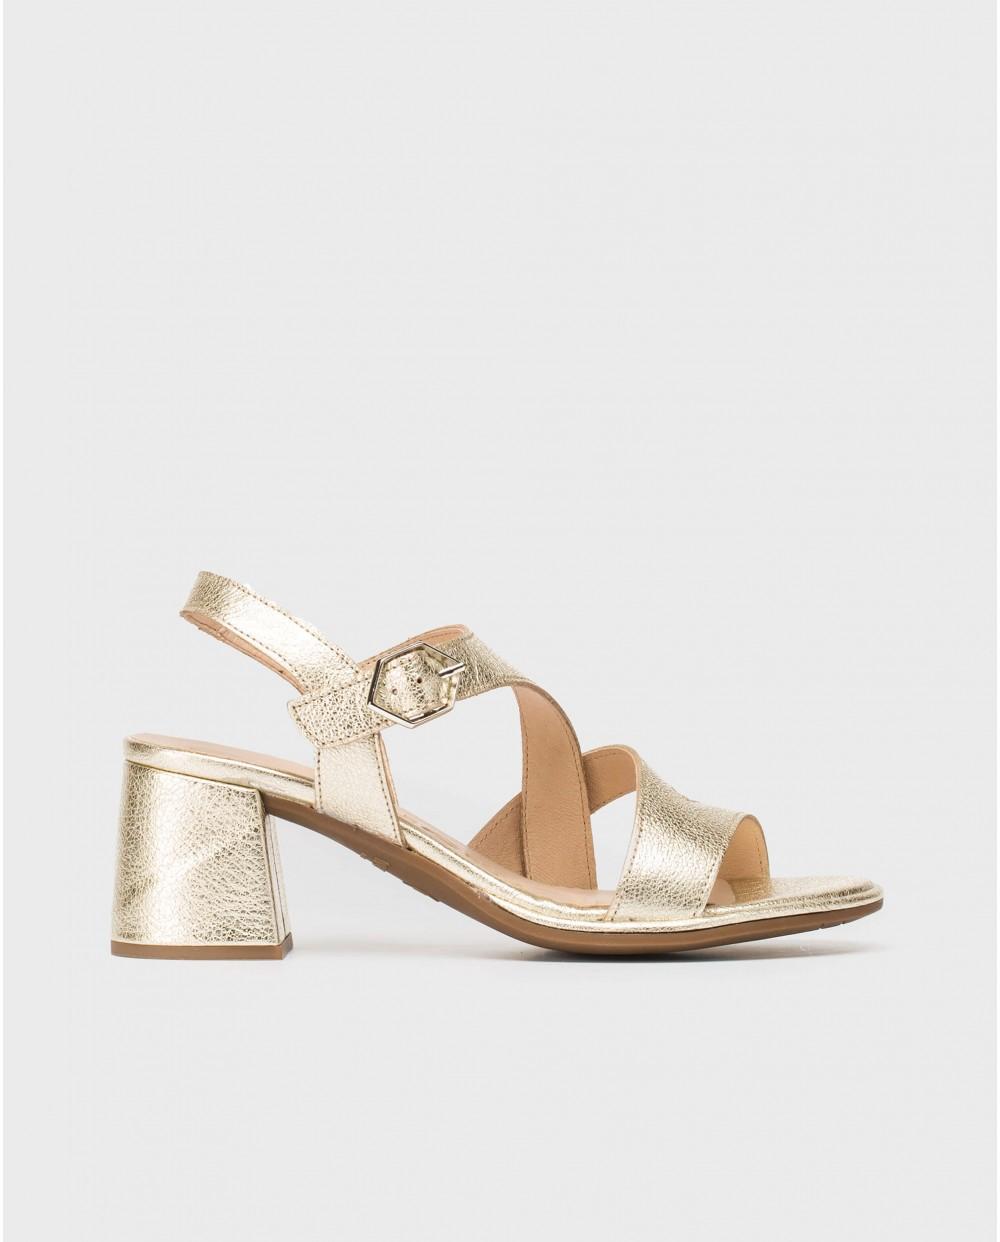 Wonders-Sandals-Metallic leather sandal